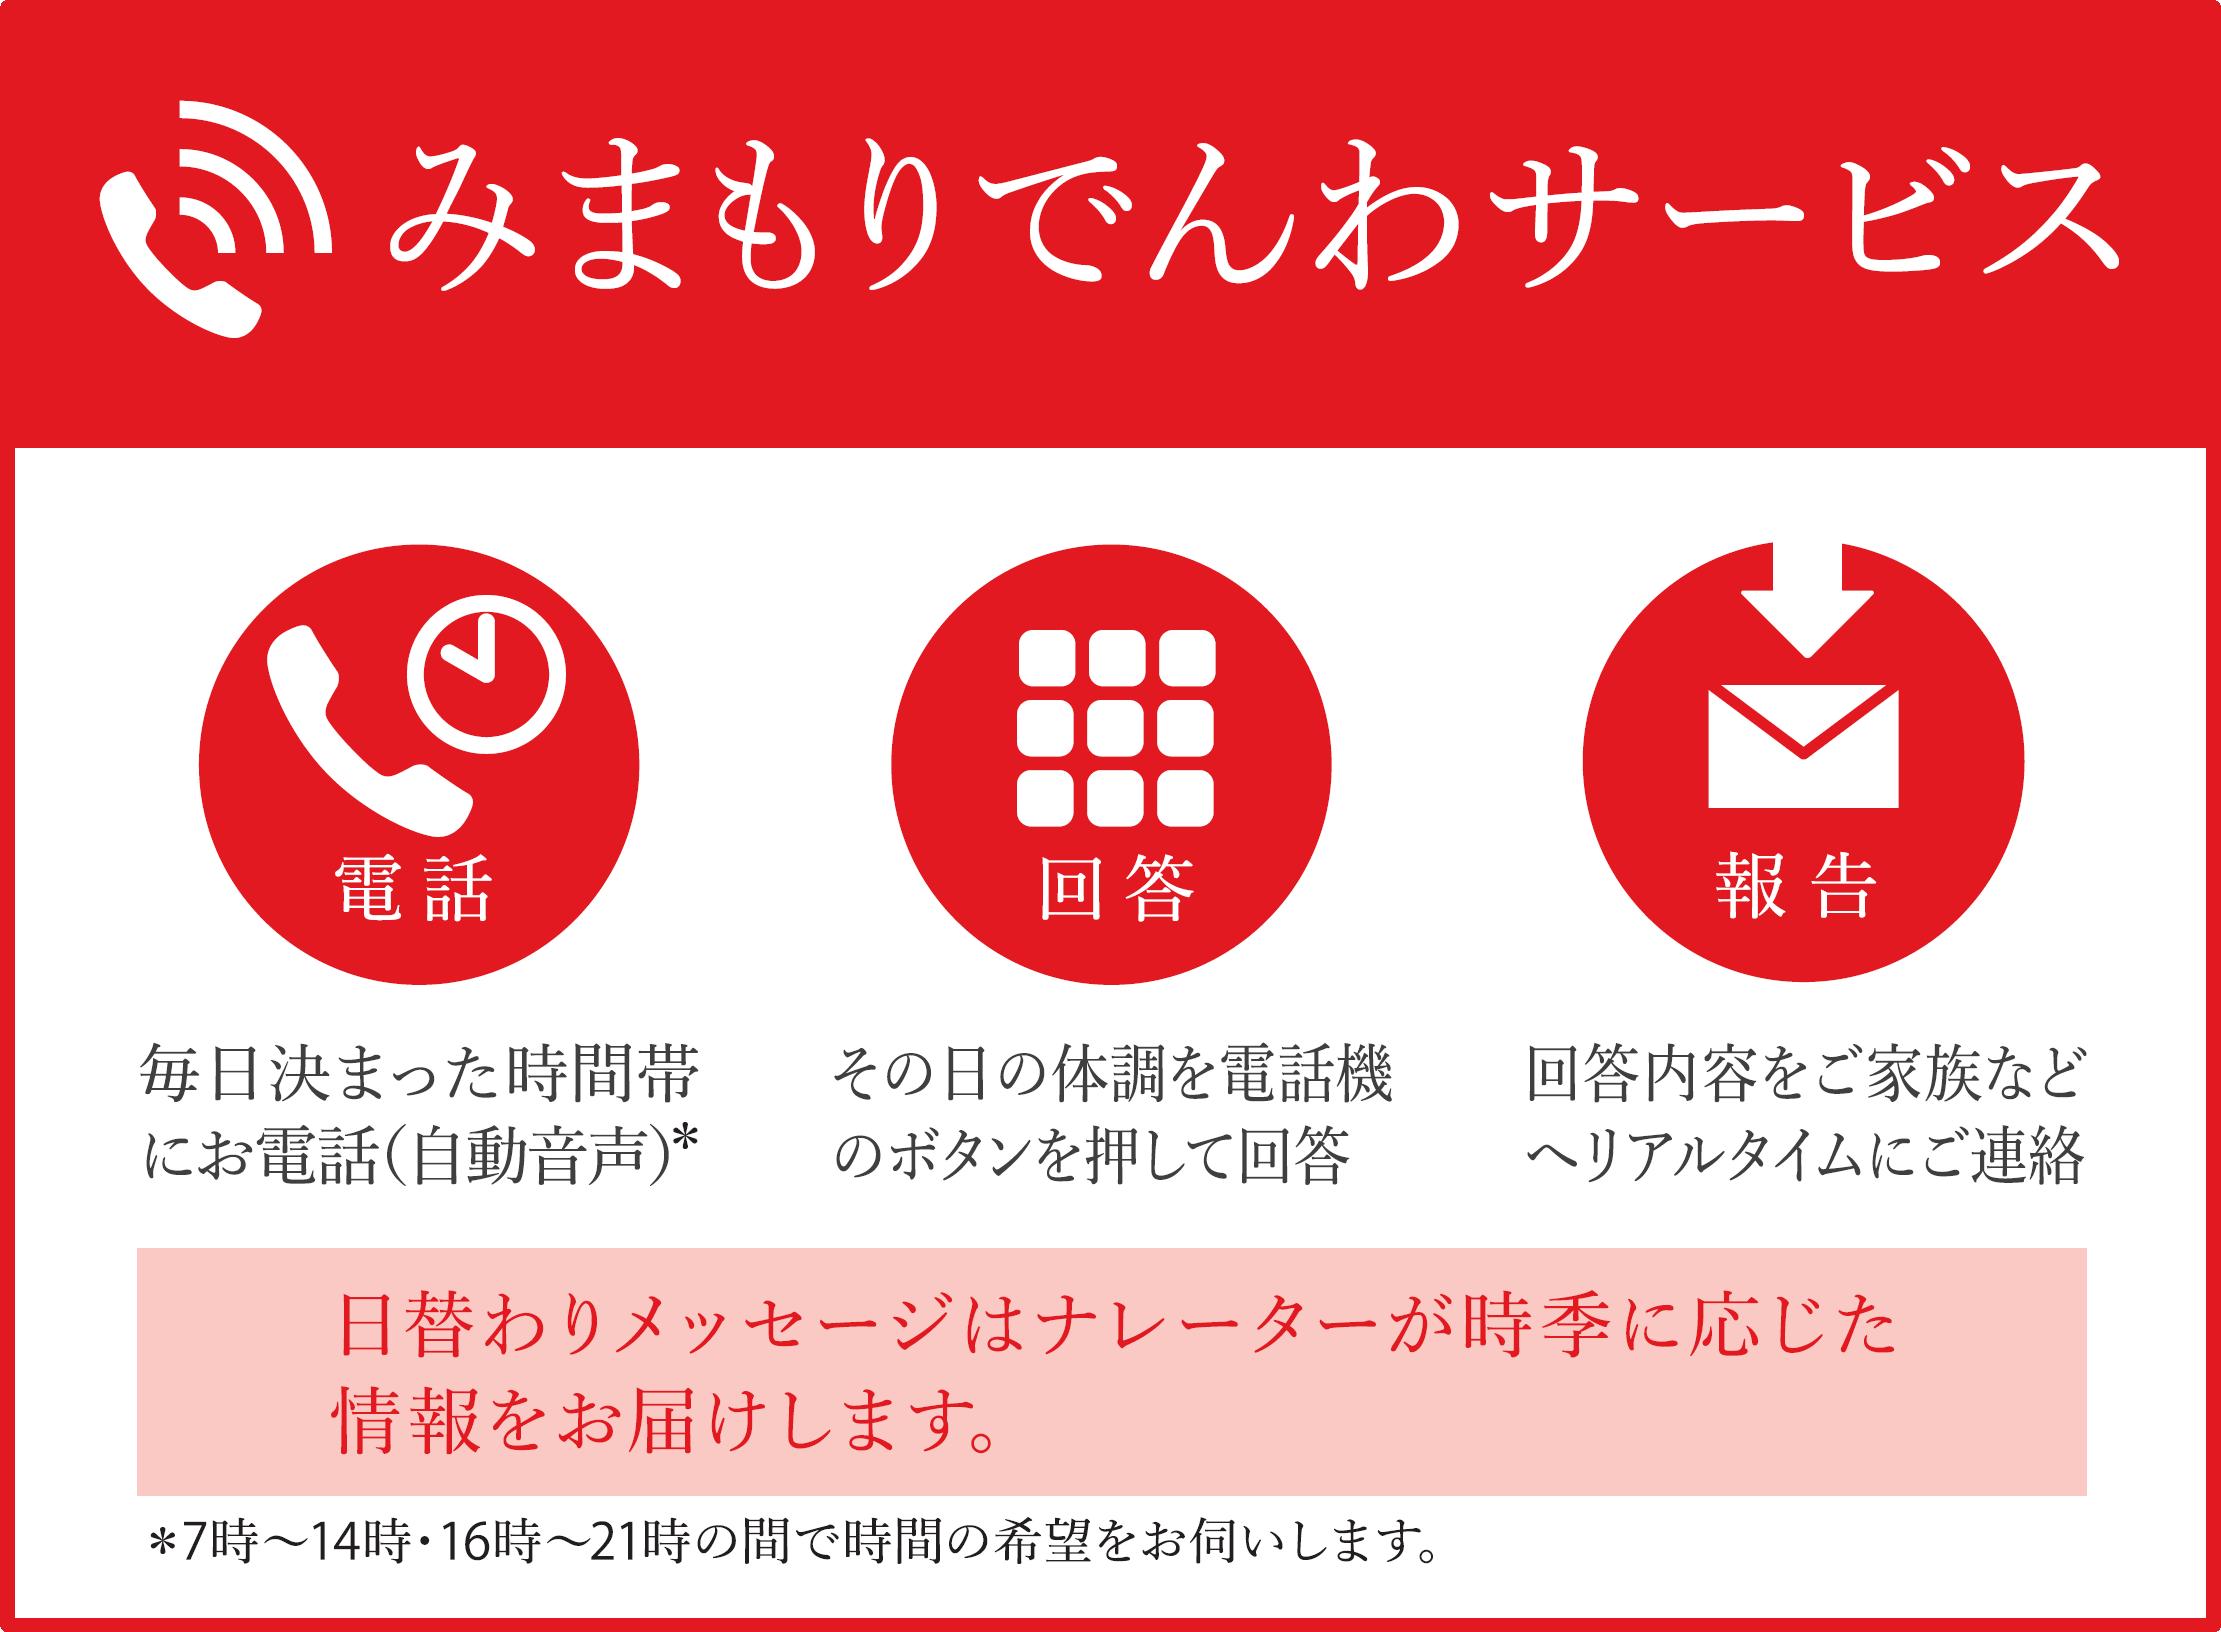 みまもりでんわサービス【携帯電話】(6か月間)